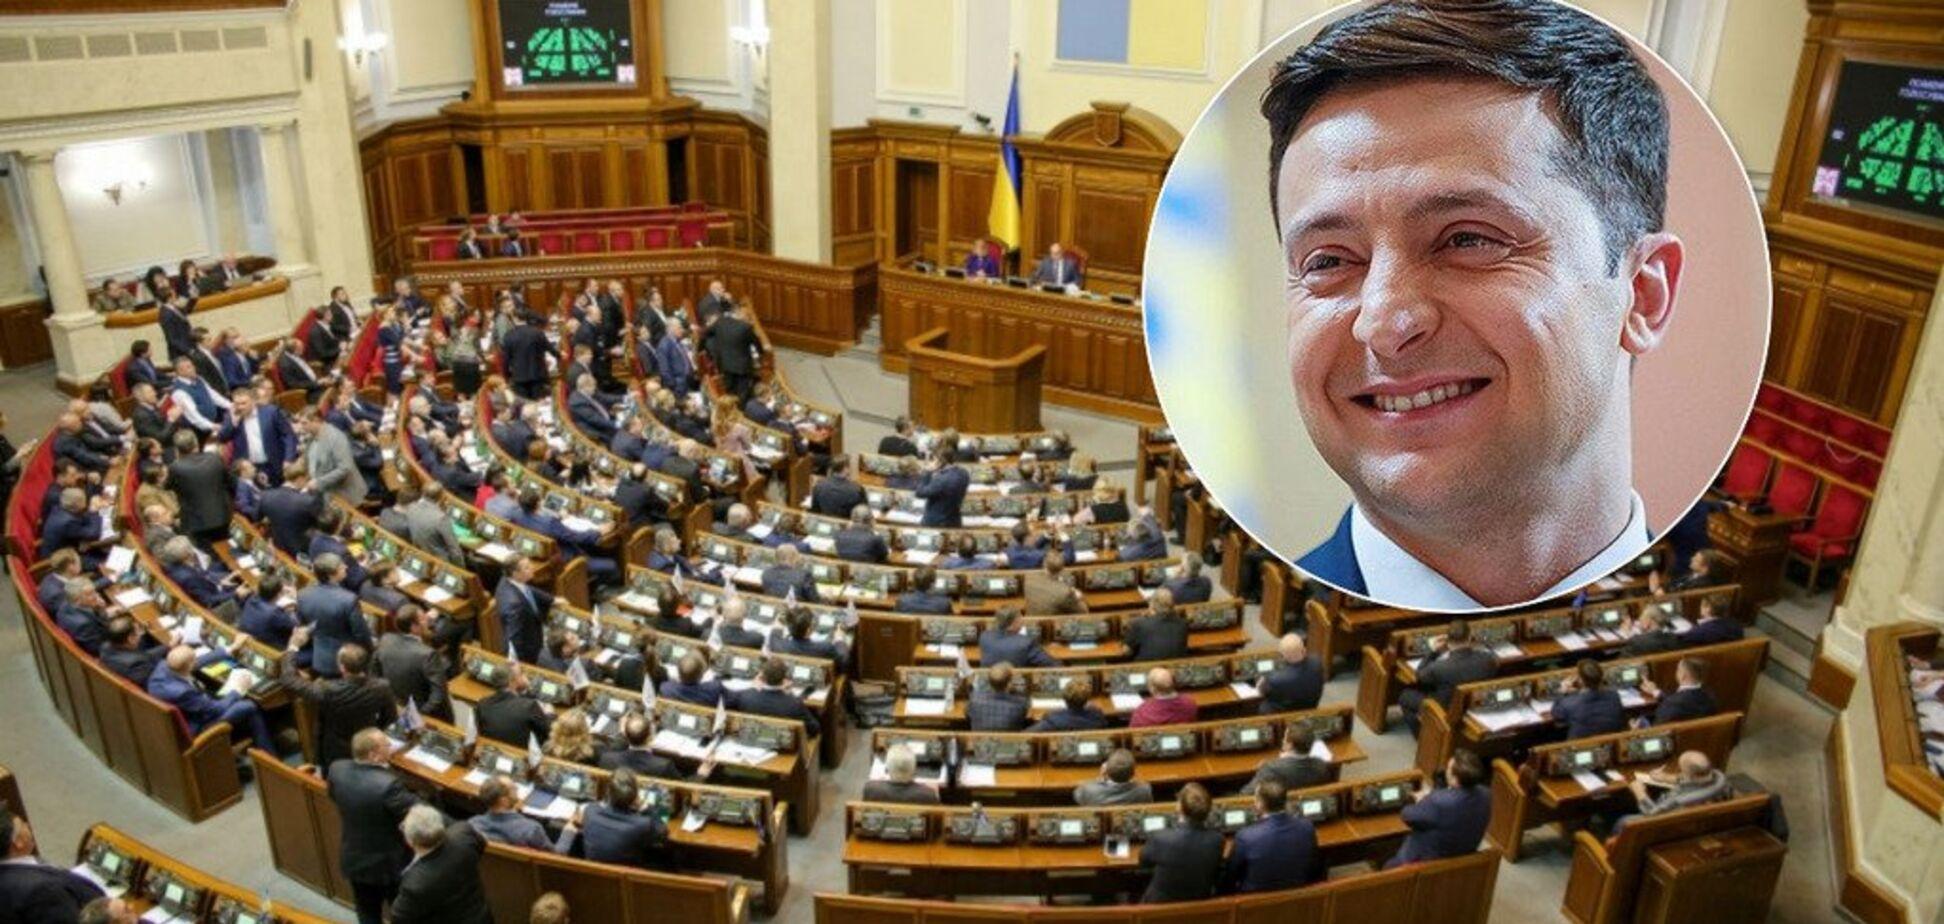 Указ Зеленского готов: появился инсайд о досрочных выборах в Раду